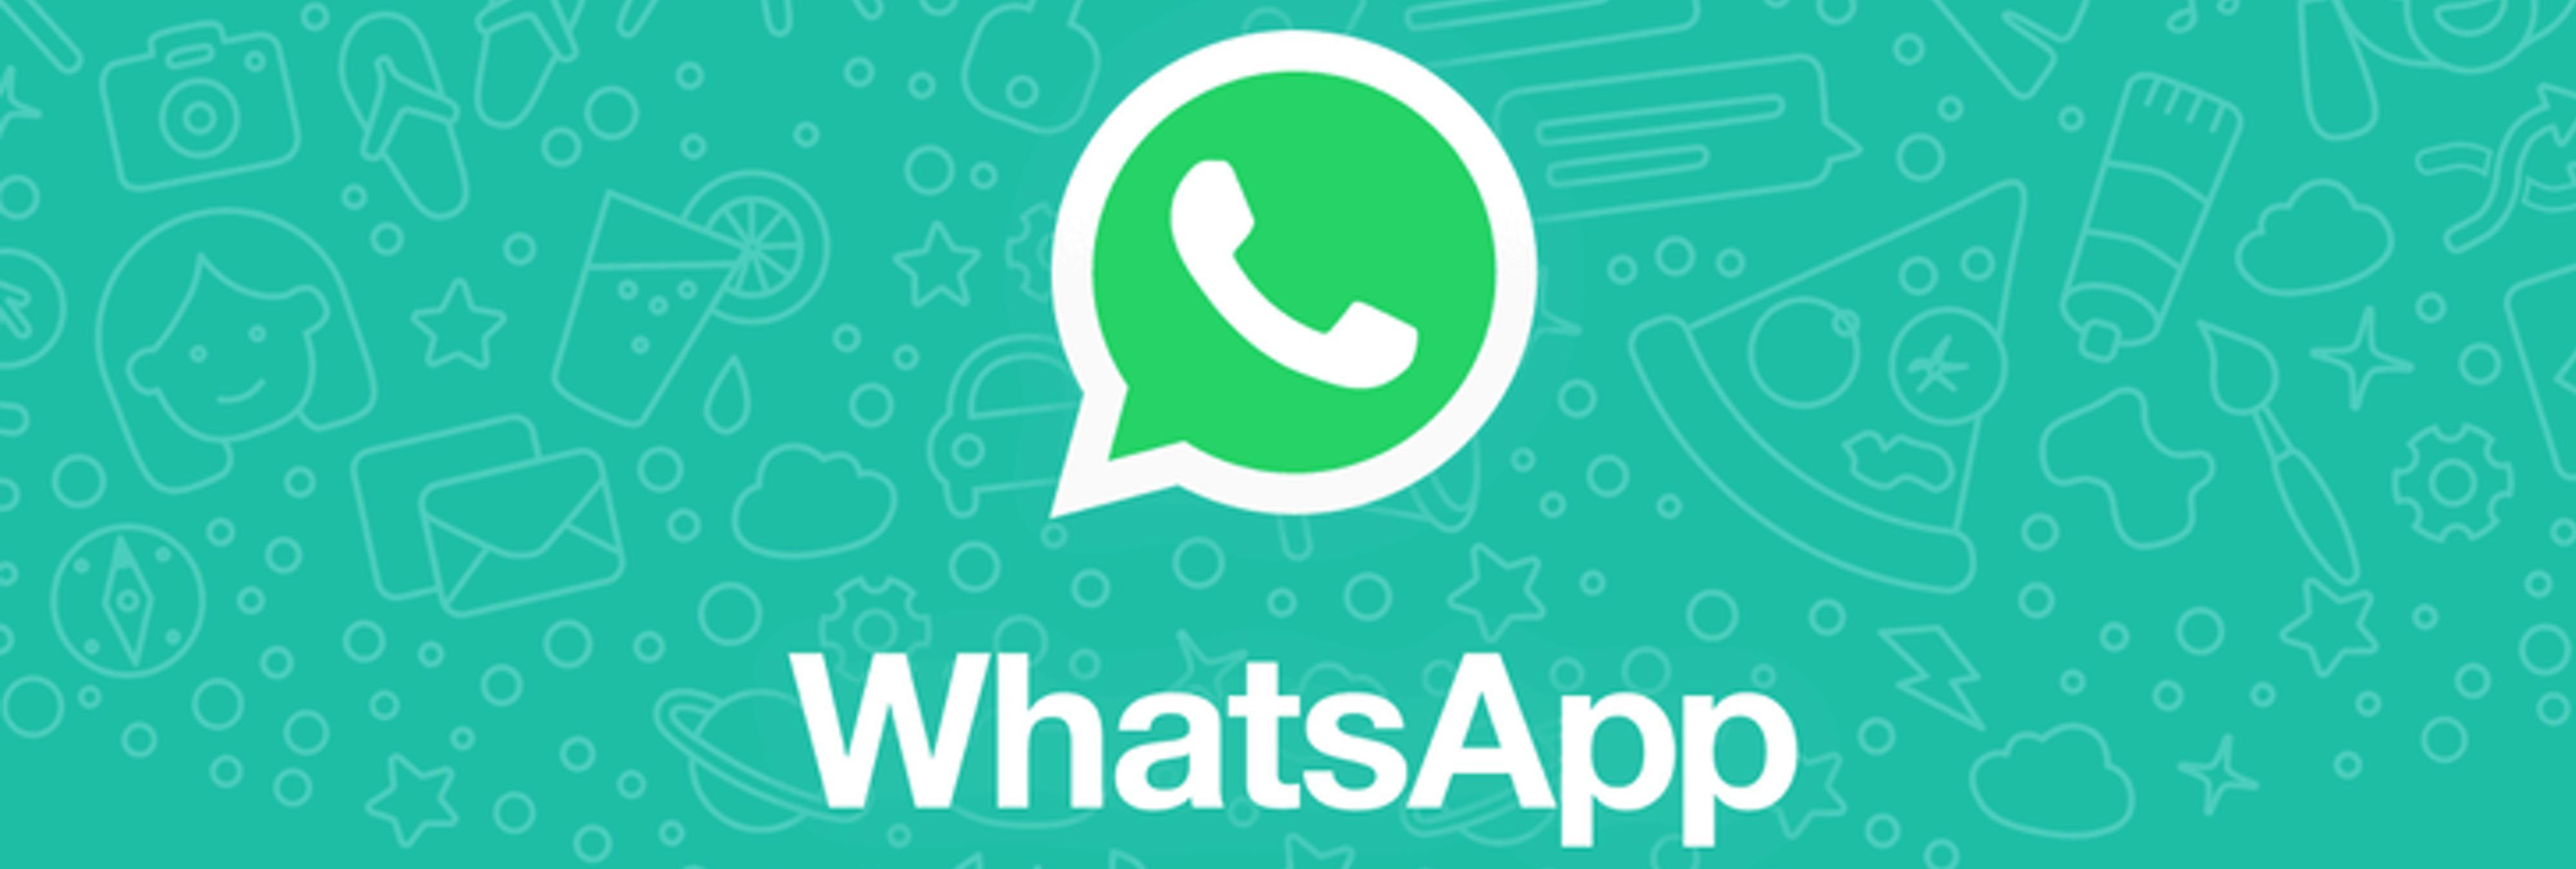 Cómo saltarse el límite de 7 minutos en WhatsApp para borrar un mensaje